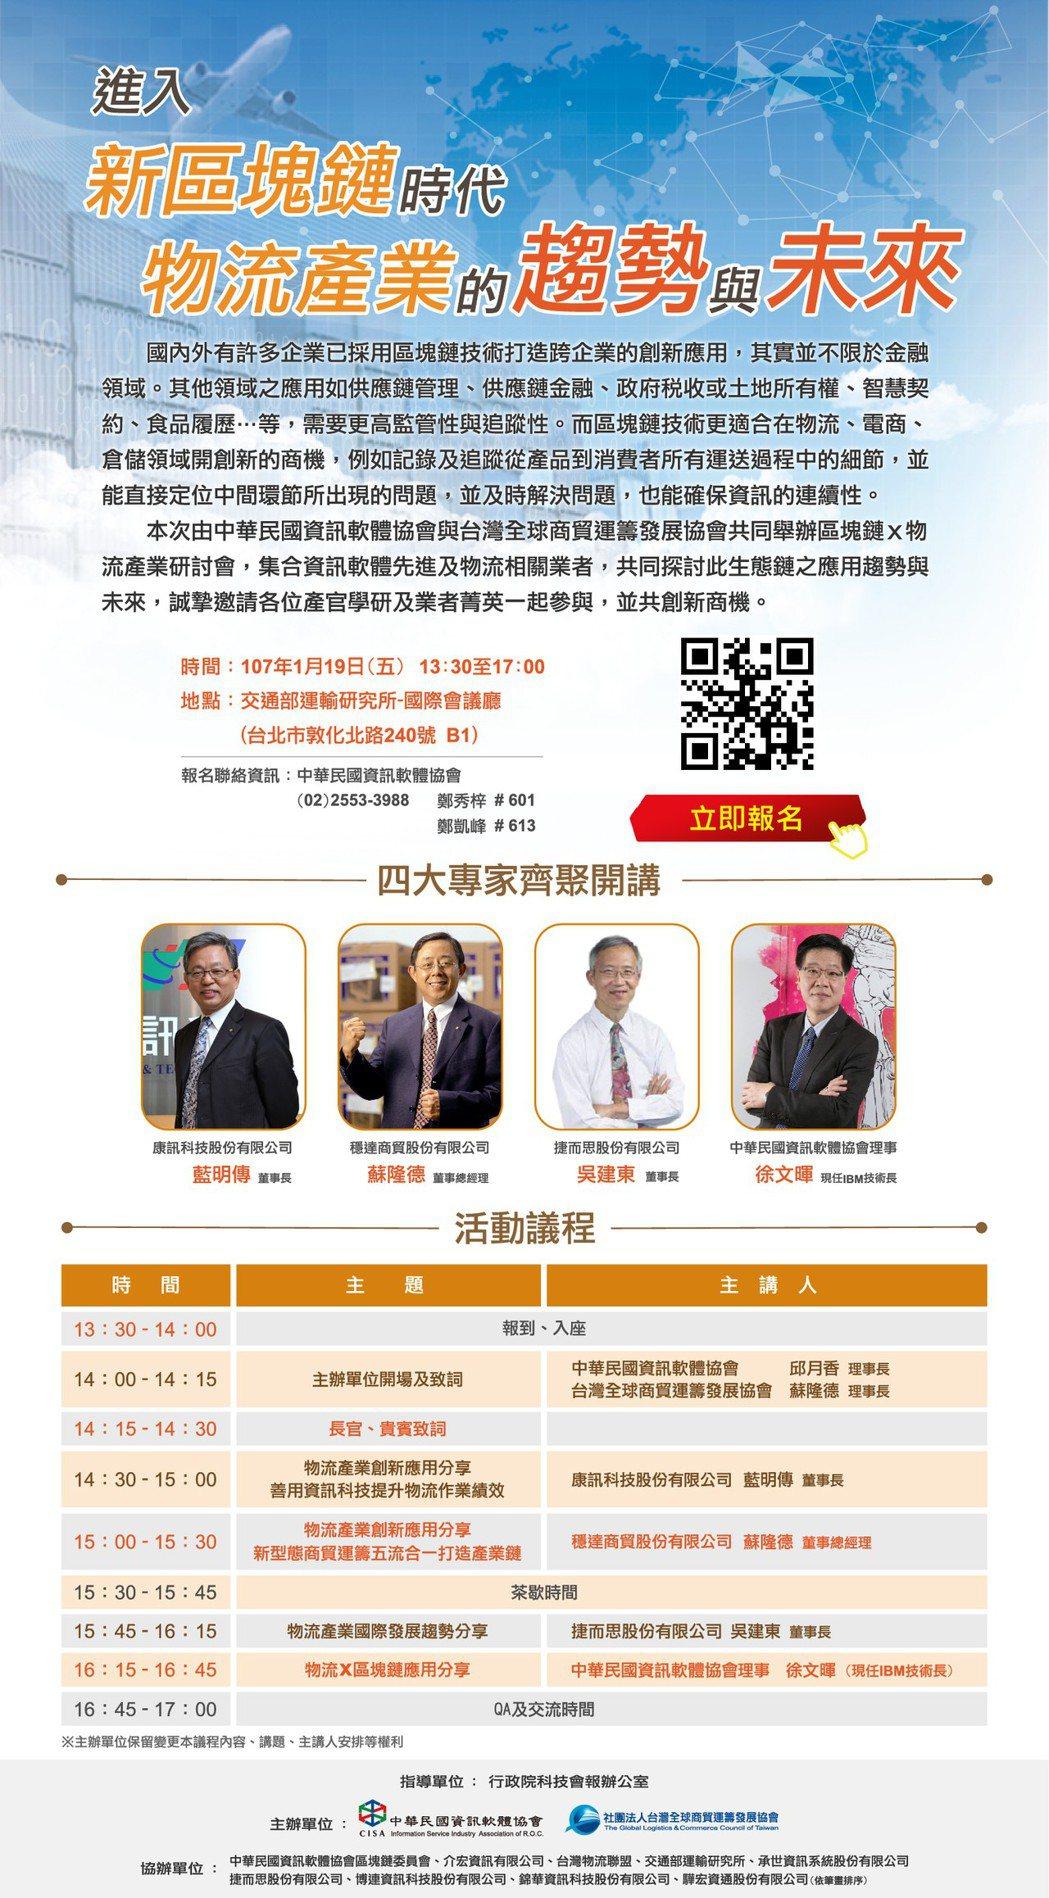 中華軟協與台灣全球商貿運籌發展協會於1月19日共同舉辦「進入新區塊鏈時代-物流產...